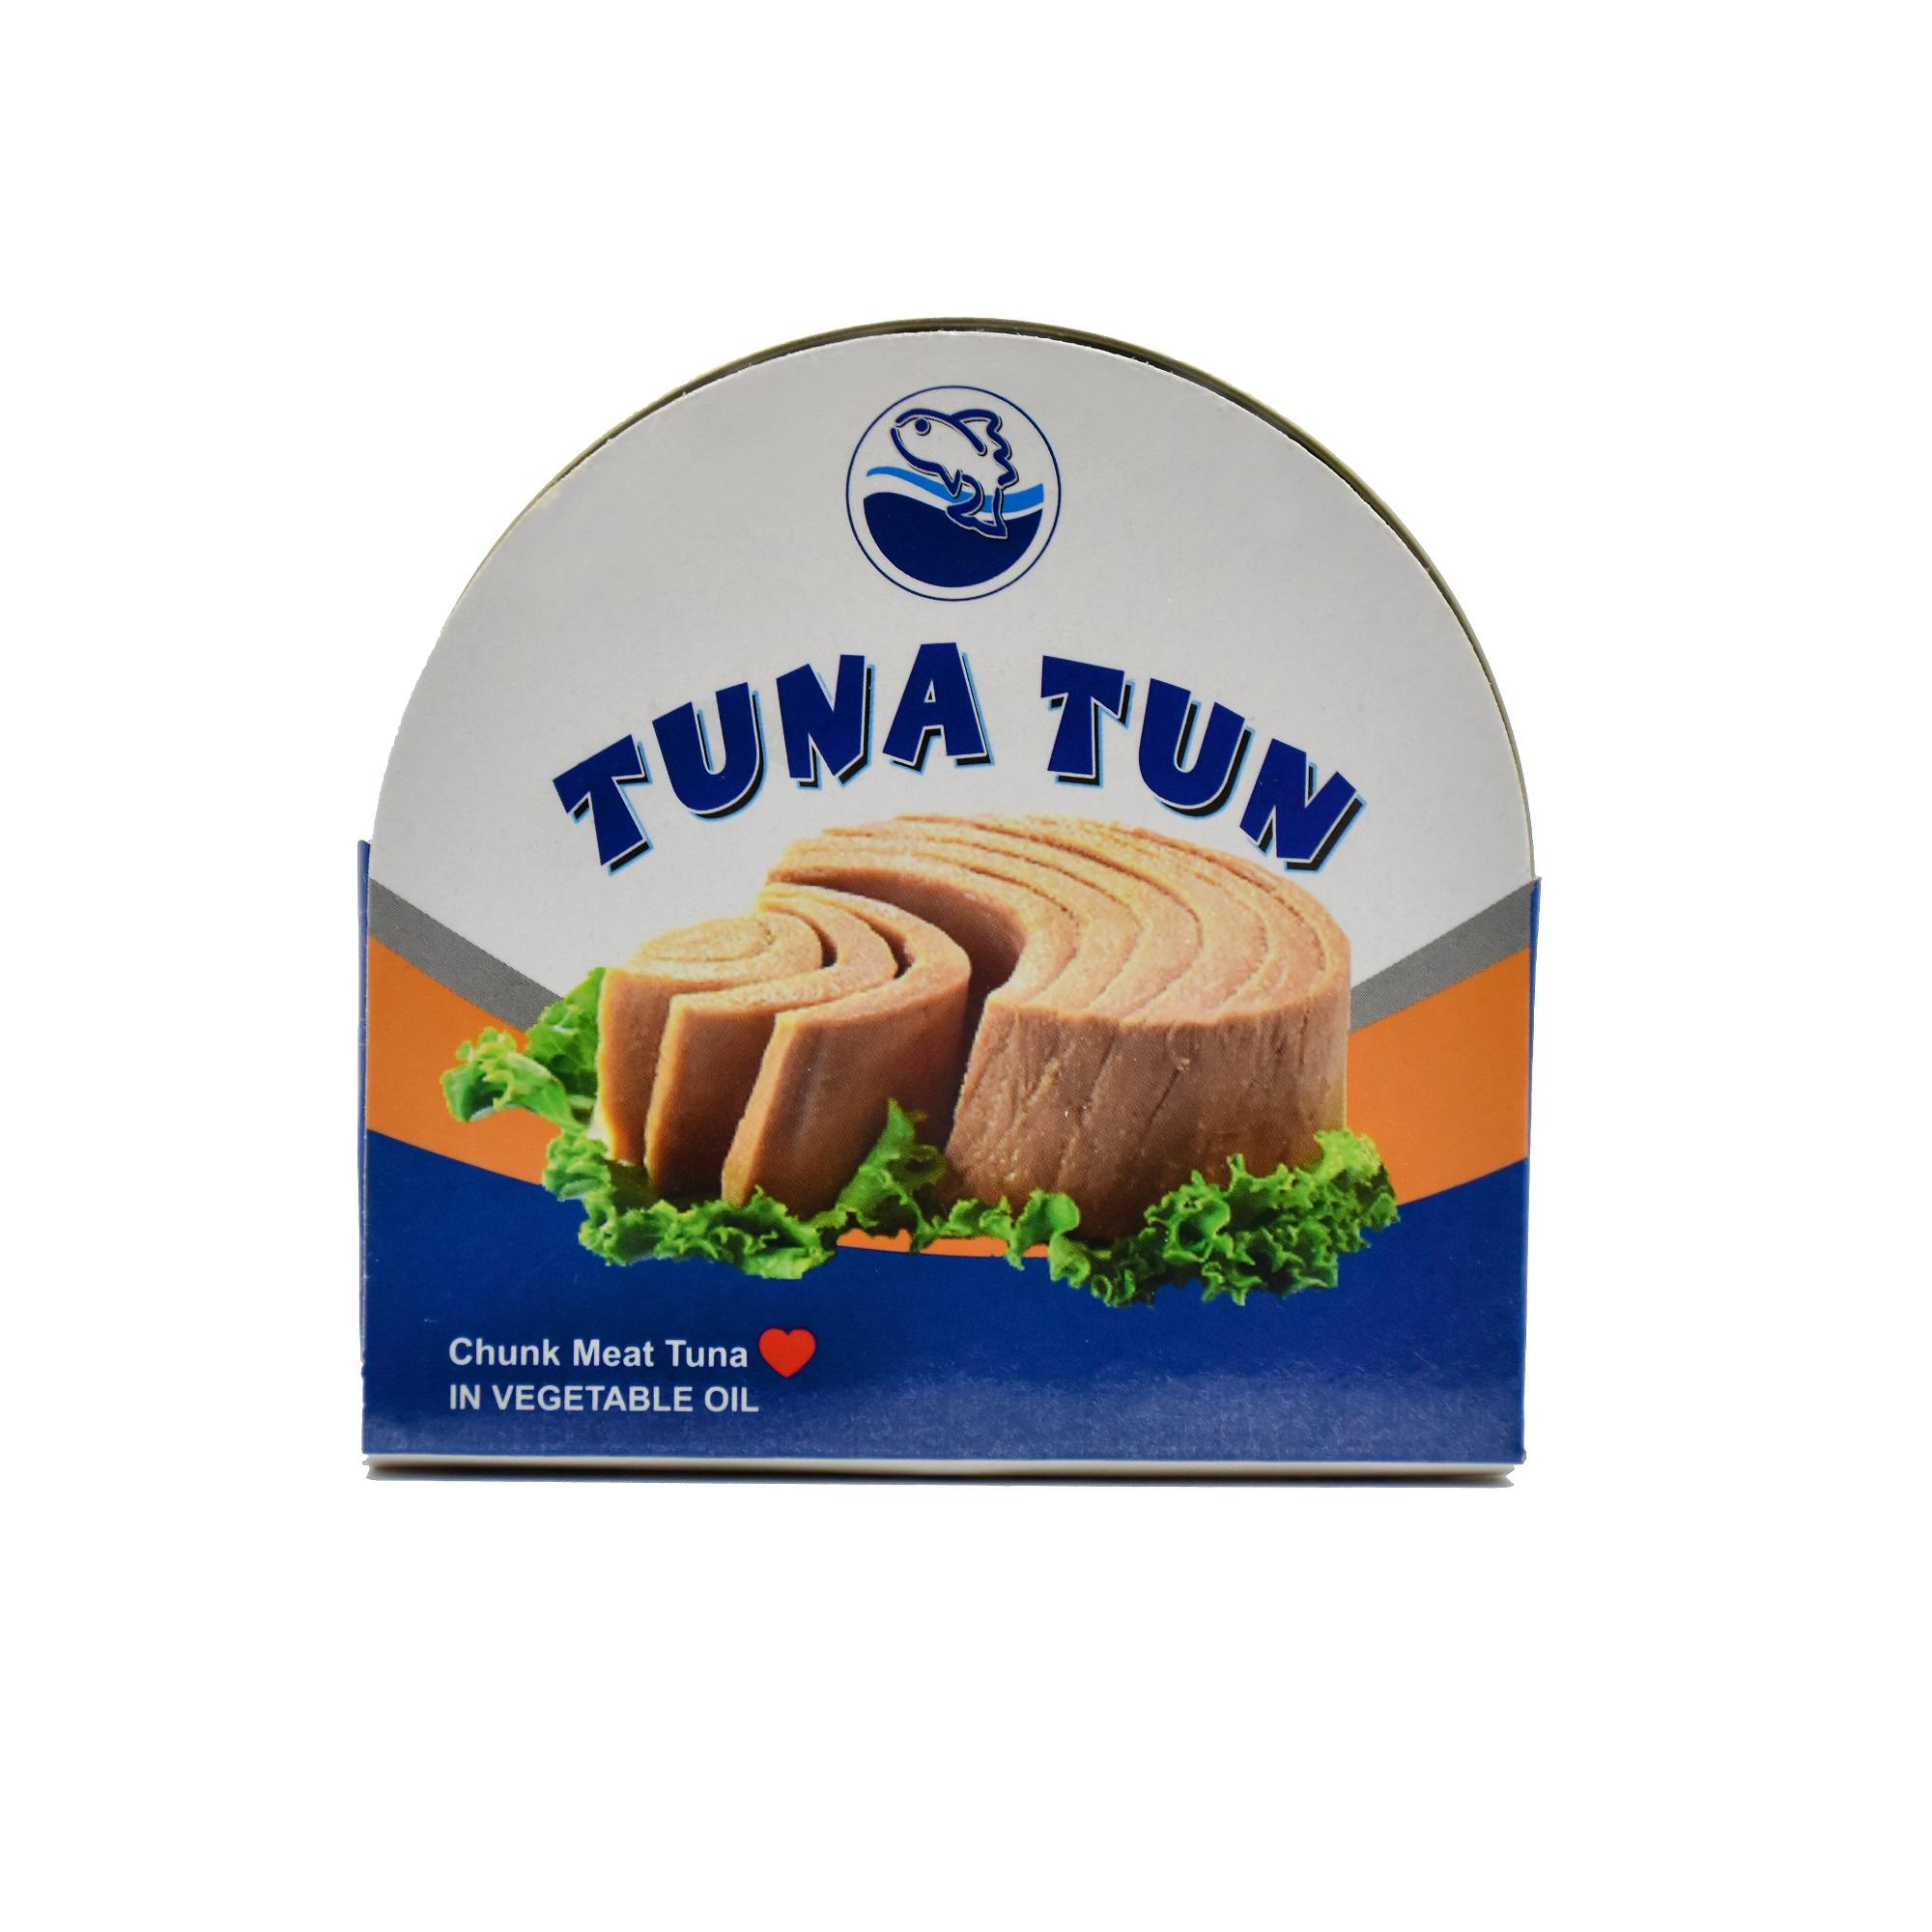 کنسرو ماهی تن در روغن مایع توناتن - 180 گرم